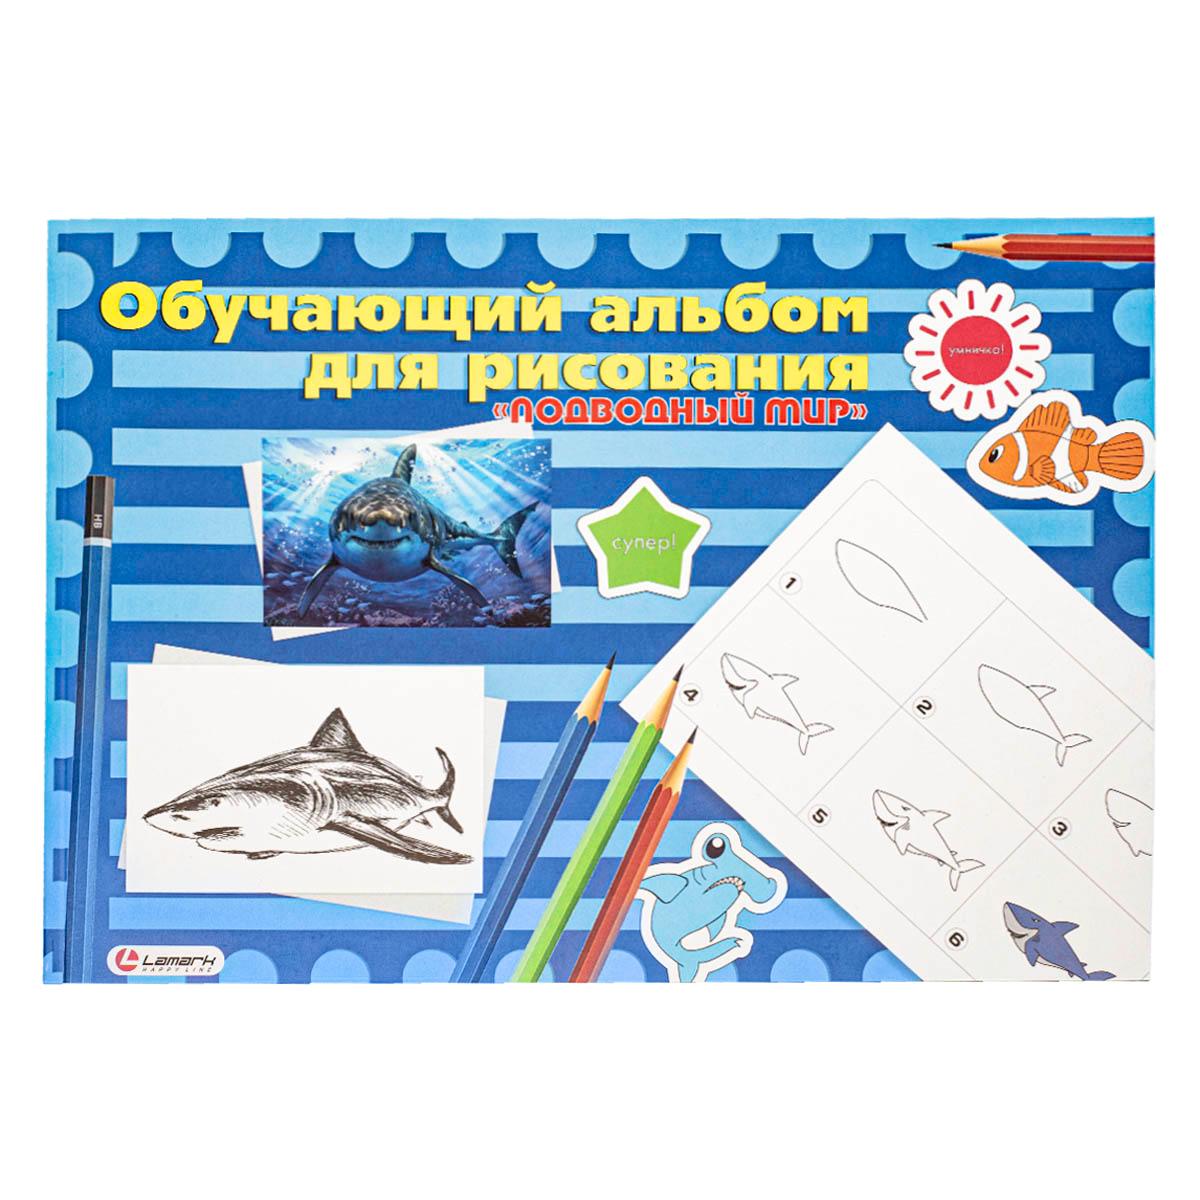 LAMARK28374 Альбом для рисования Обучающий 24л. на склейке Подводный мир, 100г/м